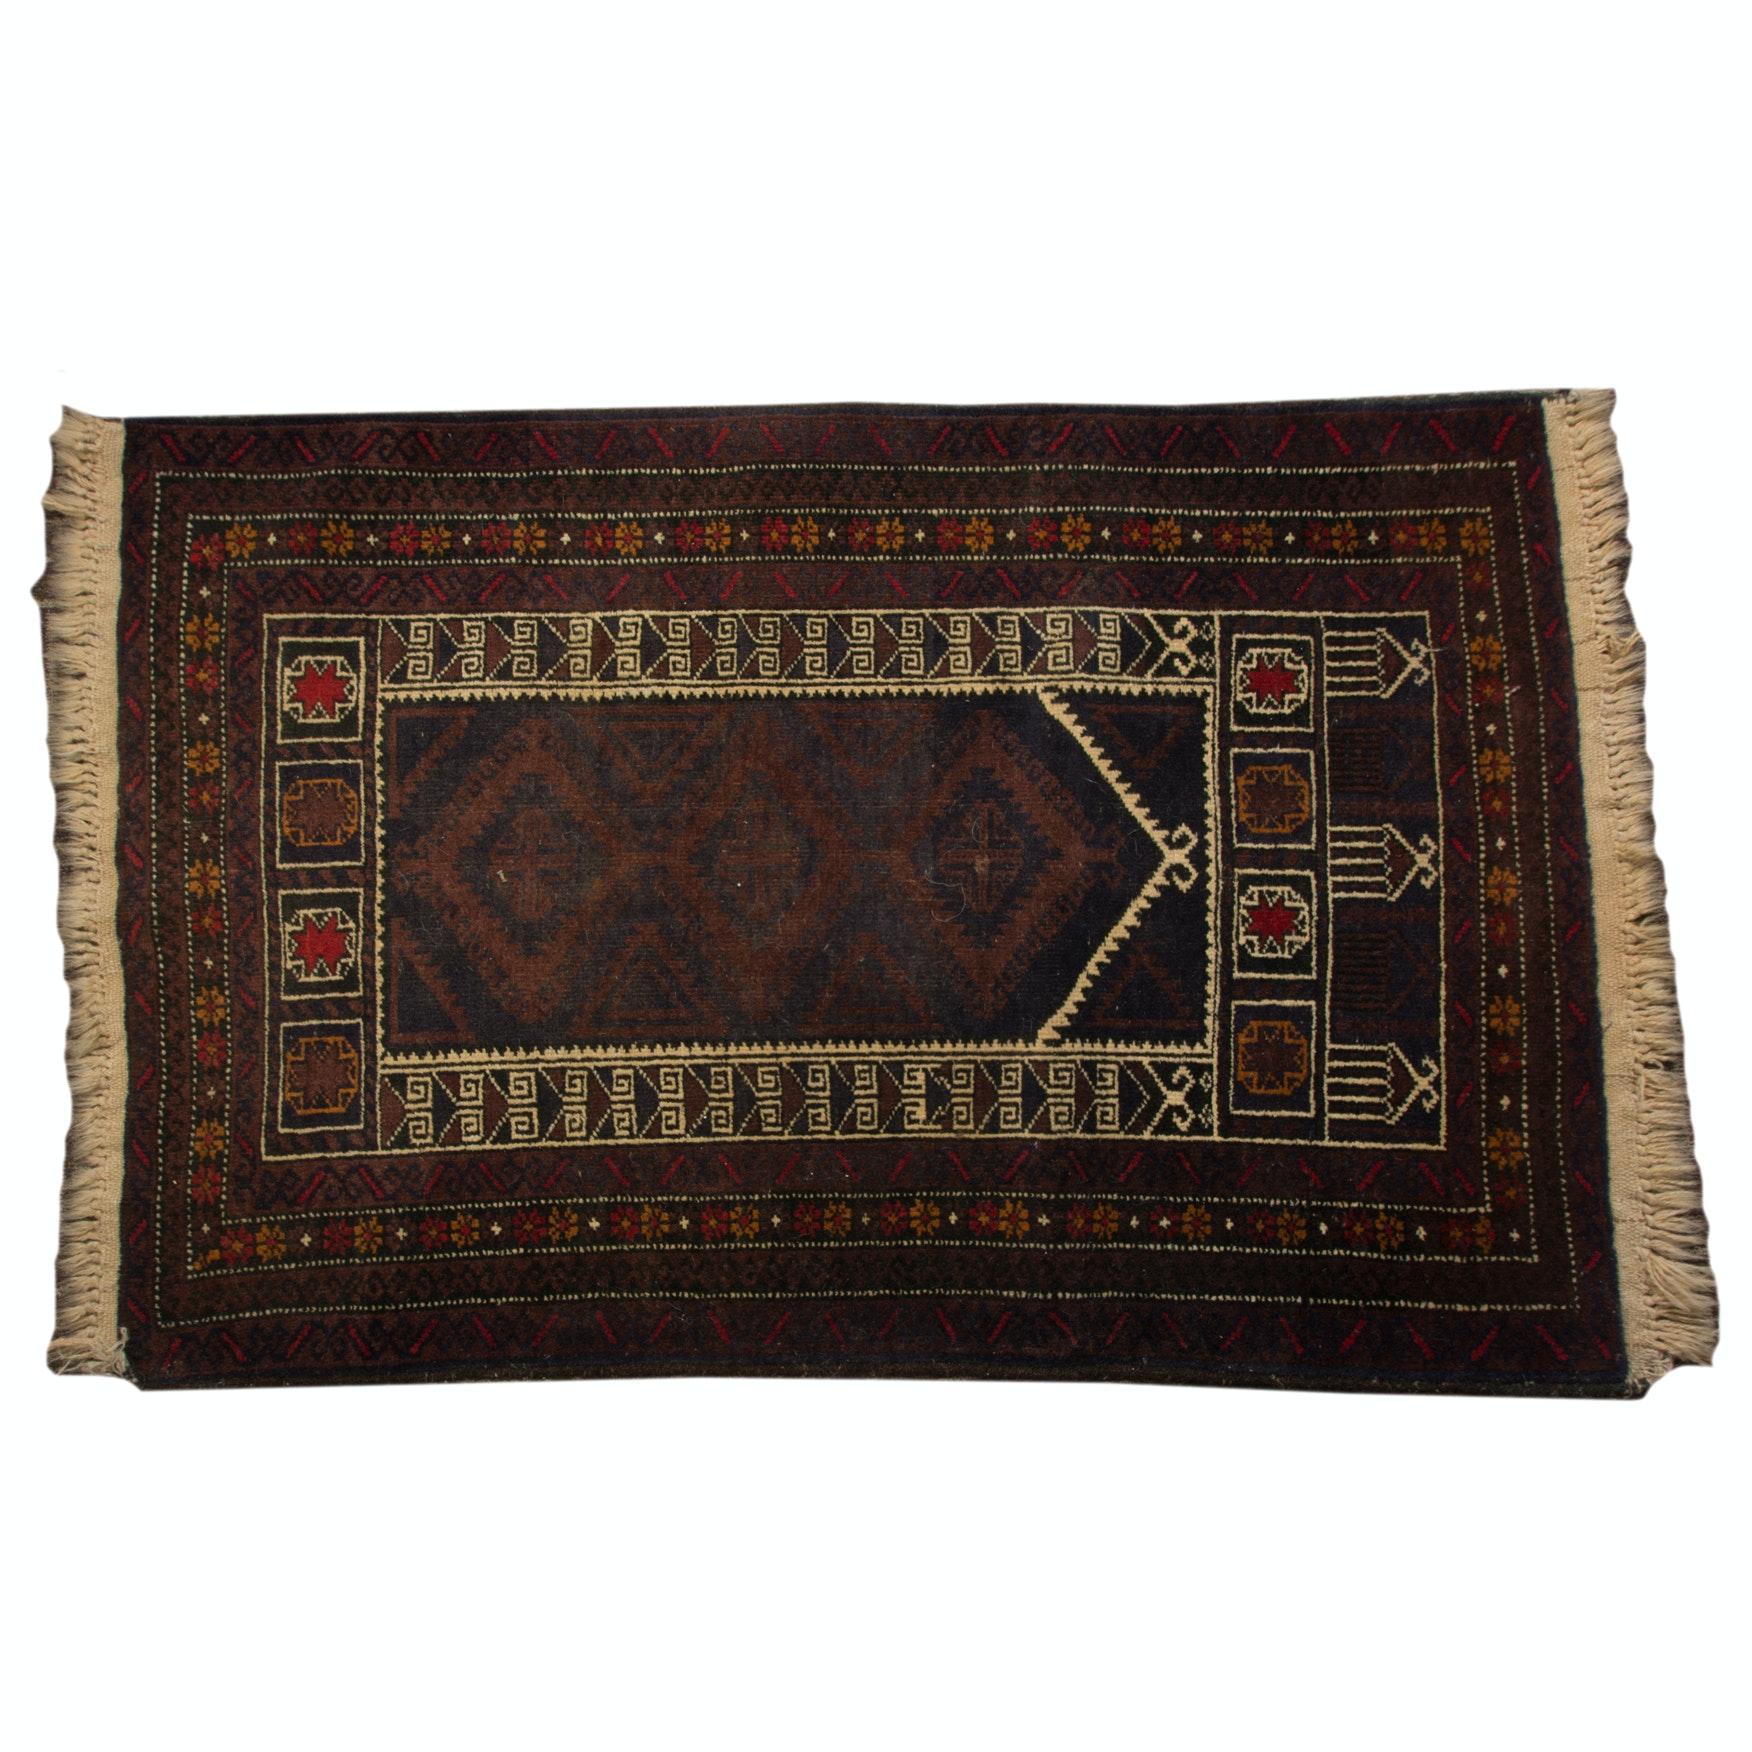 Hand-Knotted Caucasian Kazak Prayer Rug